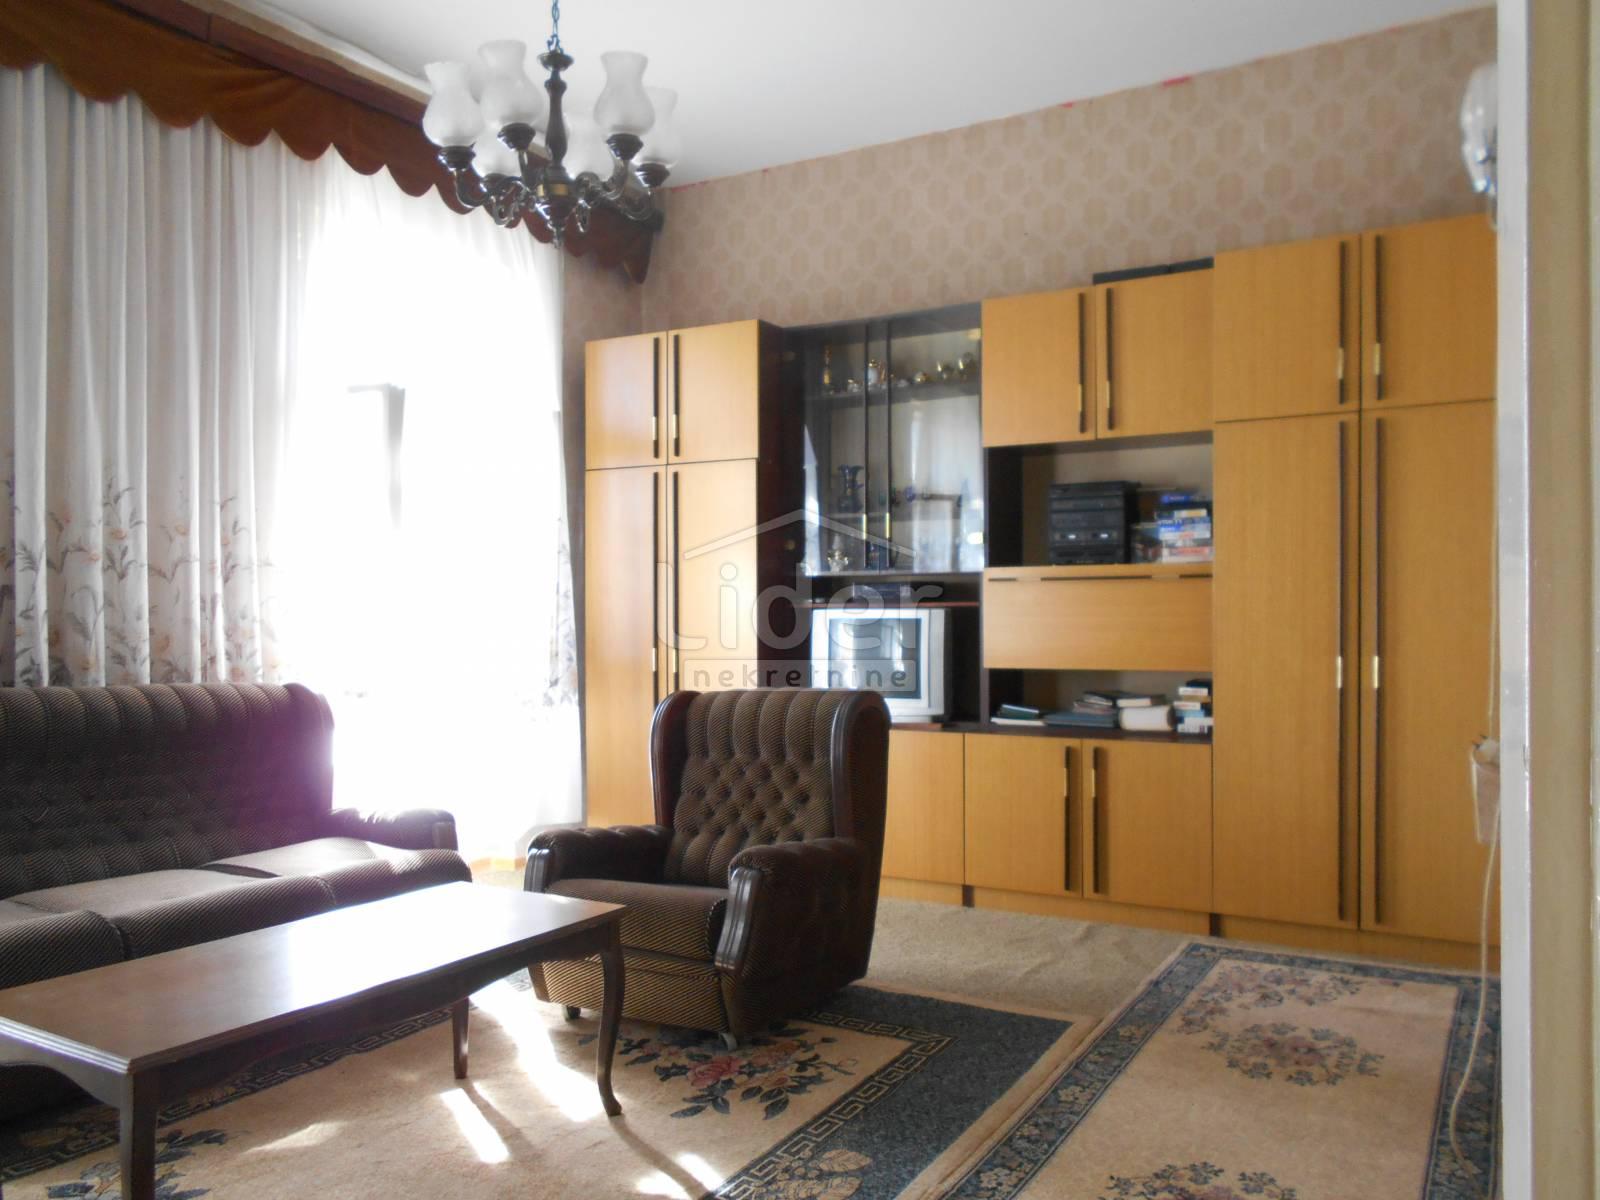 2 rooms, Apartment, 68m², 1 Floor